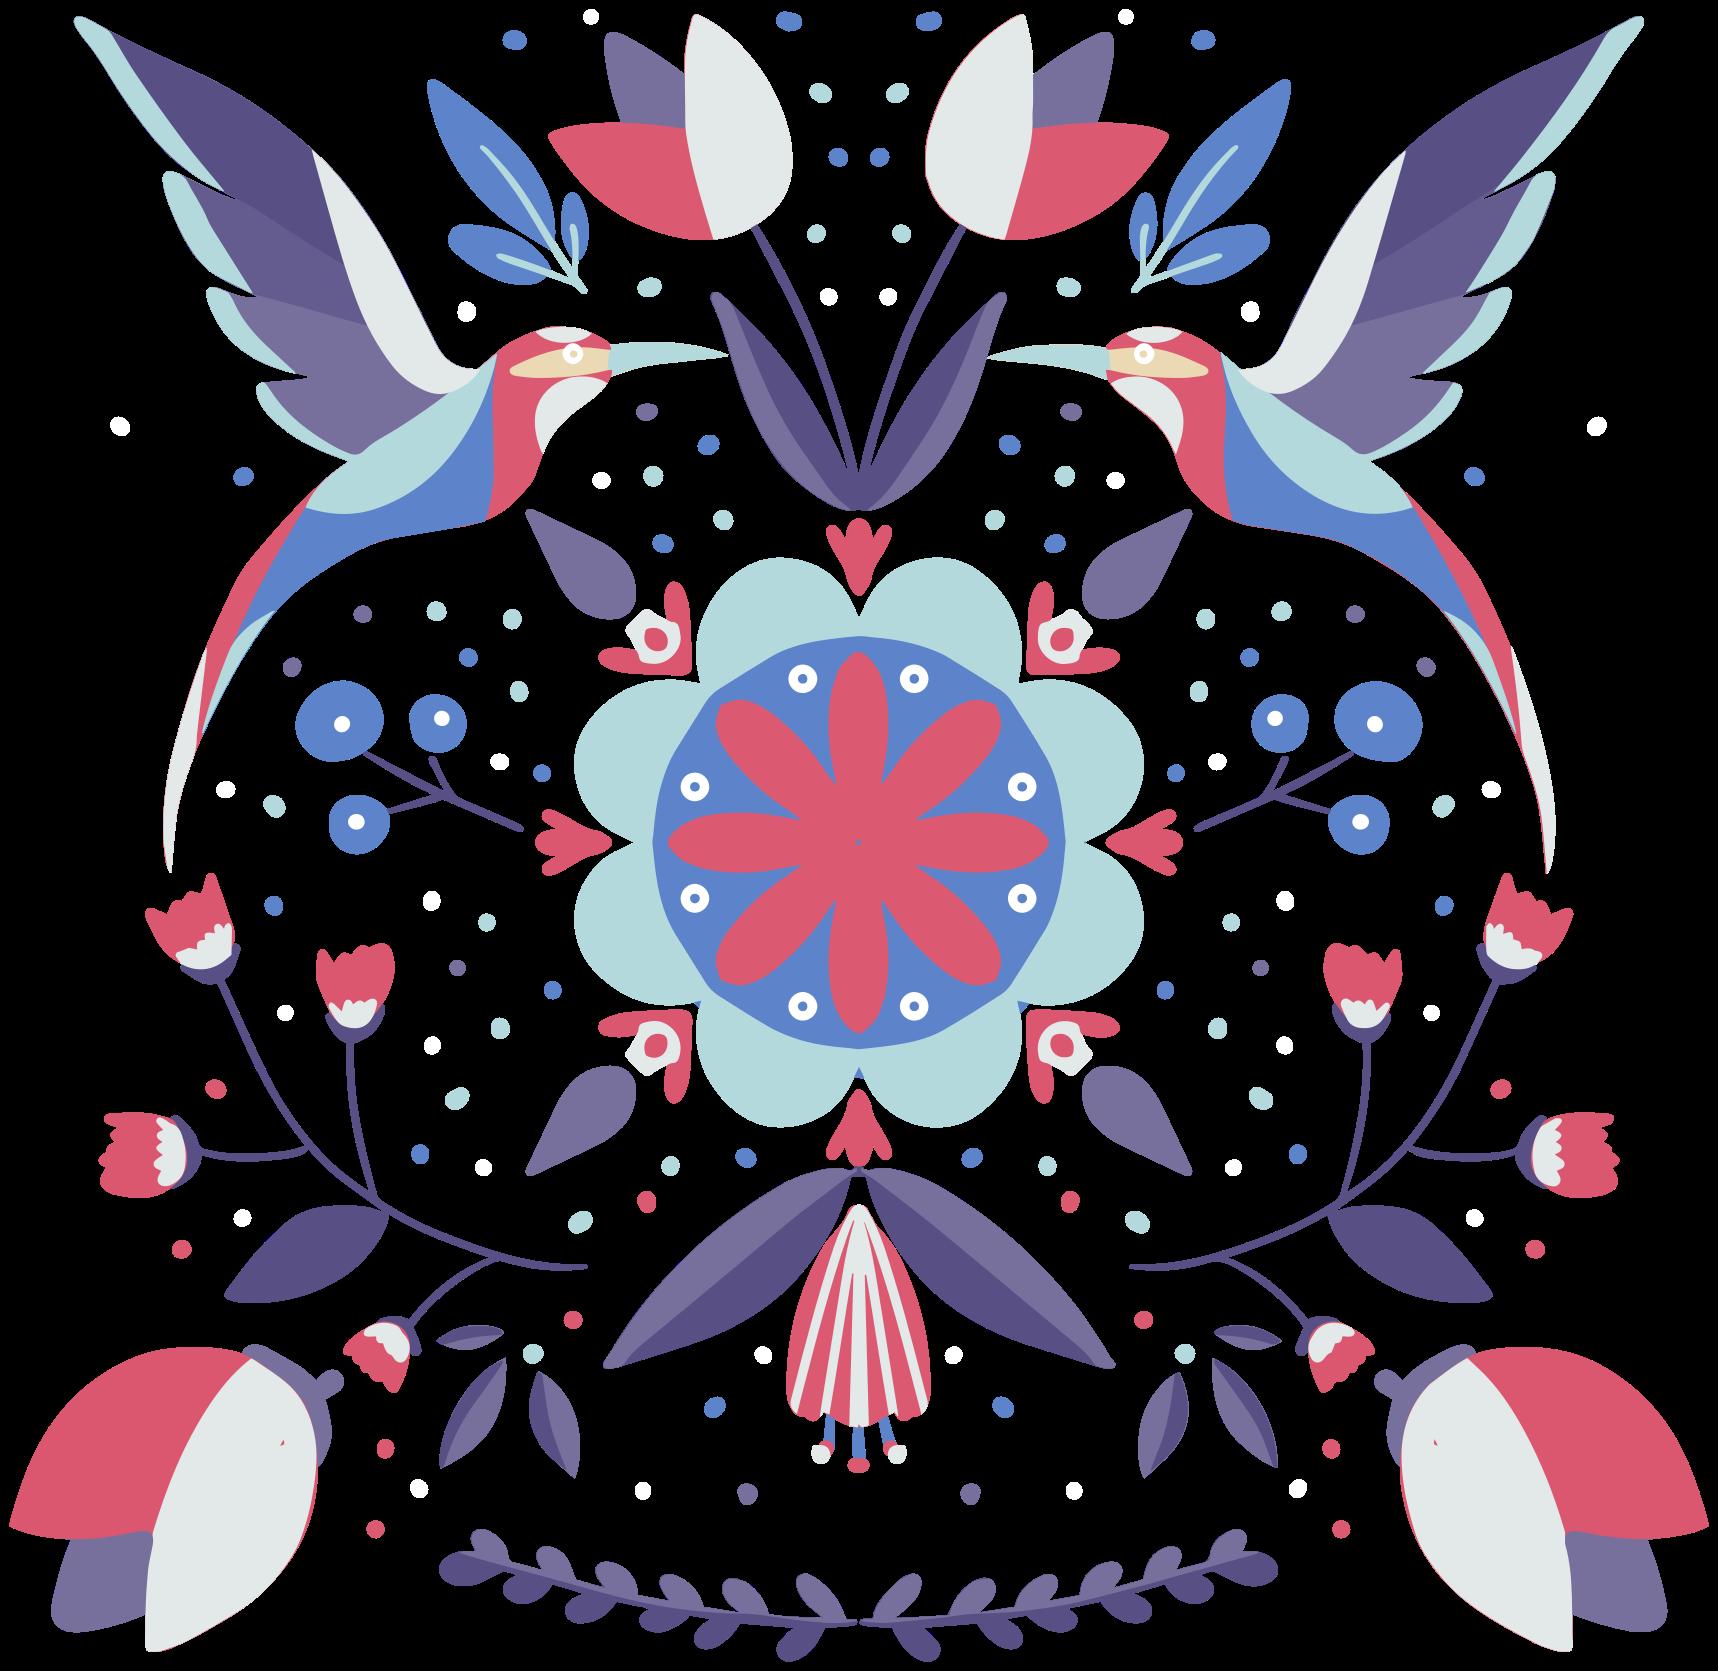 TENSTICKERS. ポーランドの伝統芸術の花の壁のステッカー. 美しい装飾的なポリッシュの伝統的な花の壁のアートデカールで、選択したスペースを美しくします。オリジナルで耐久性があり、自己粘着性があります。